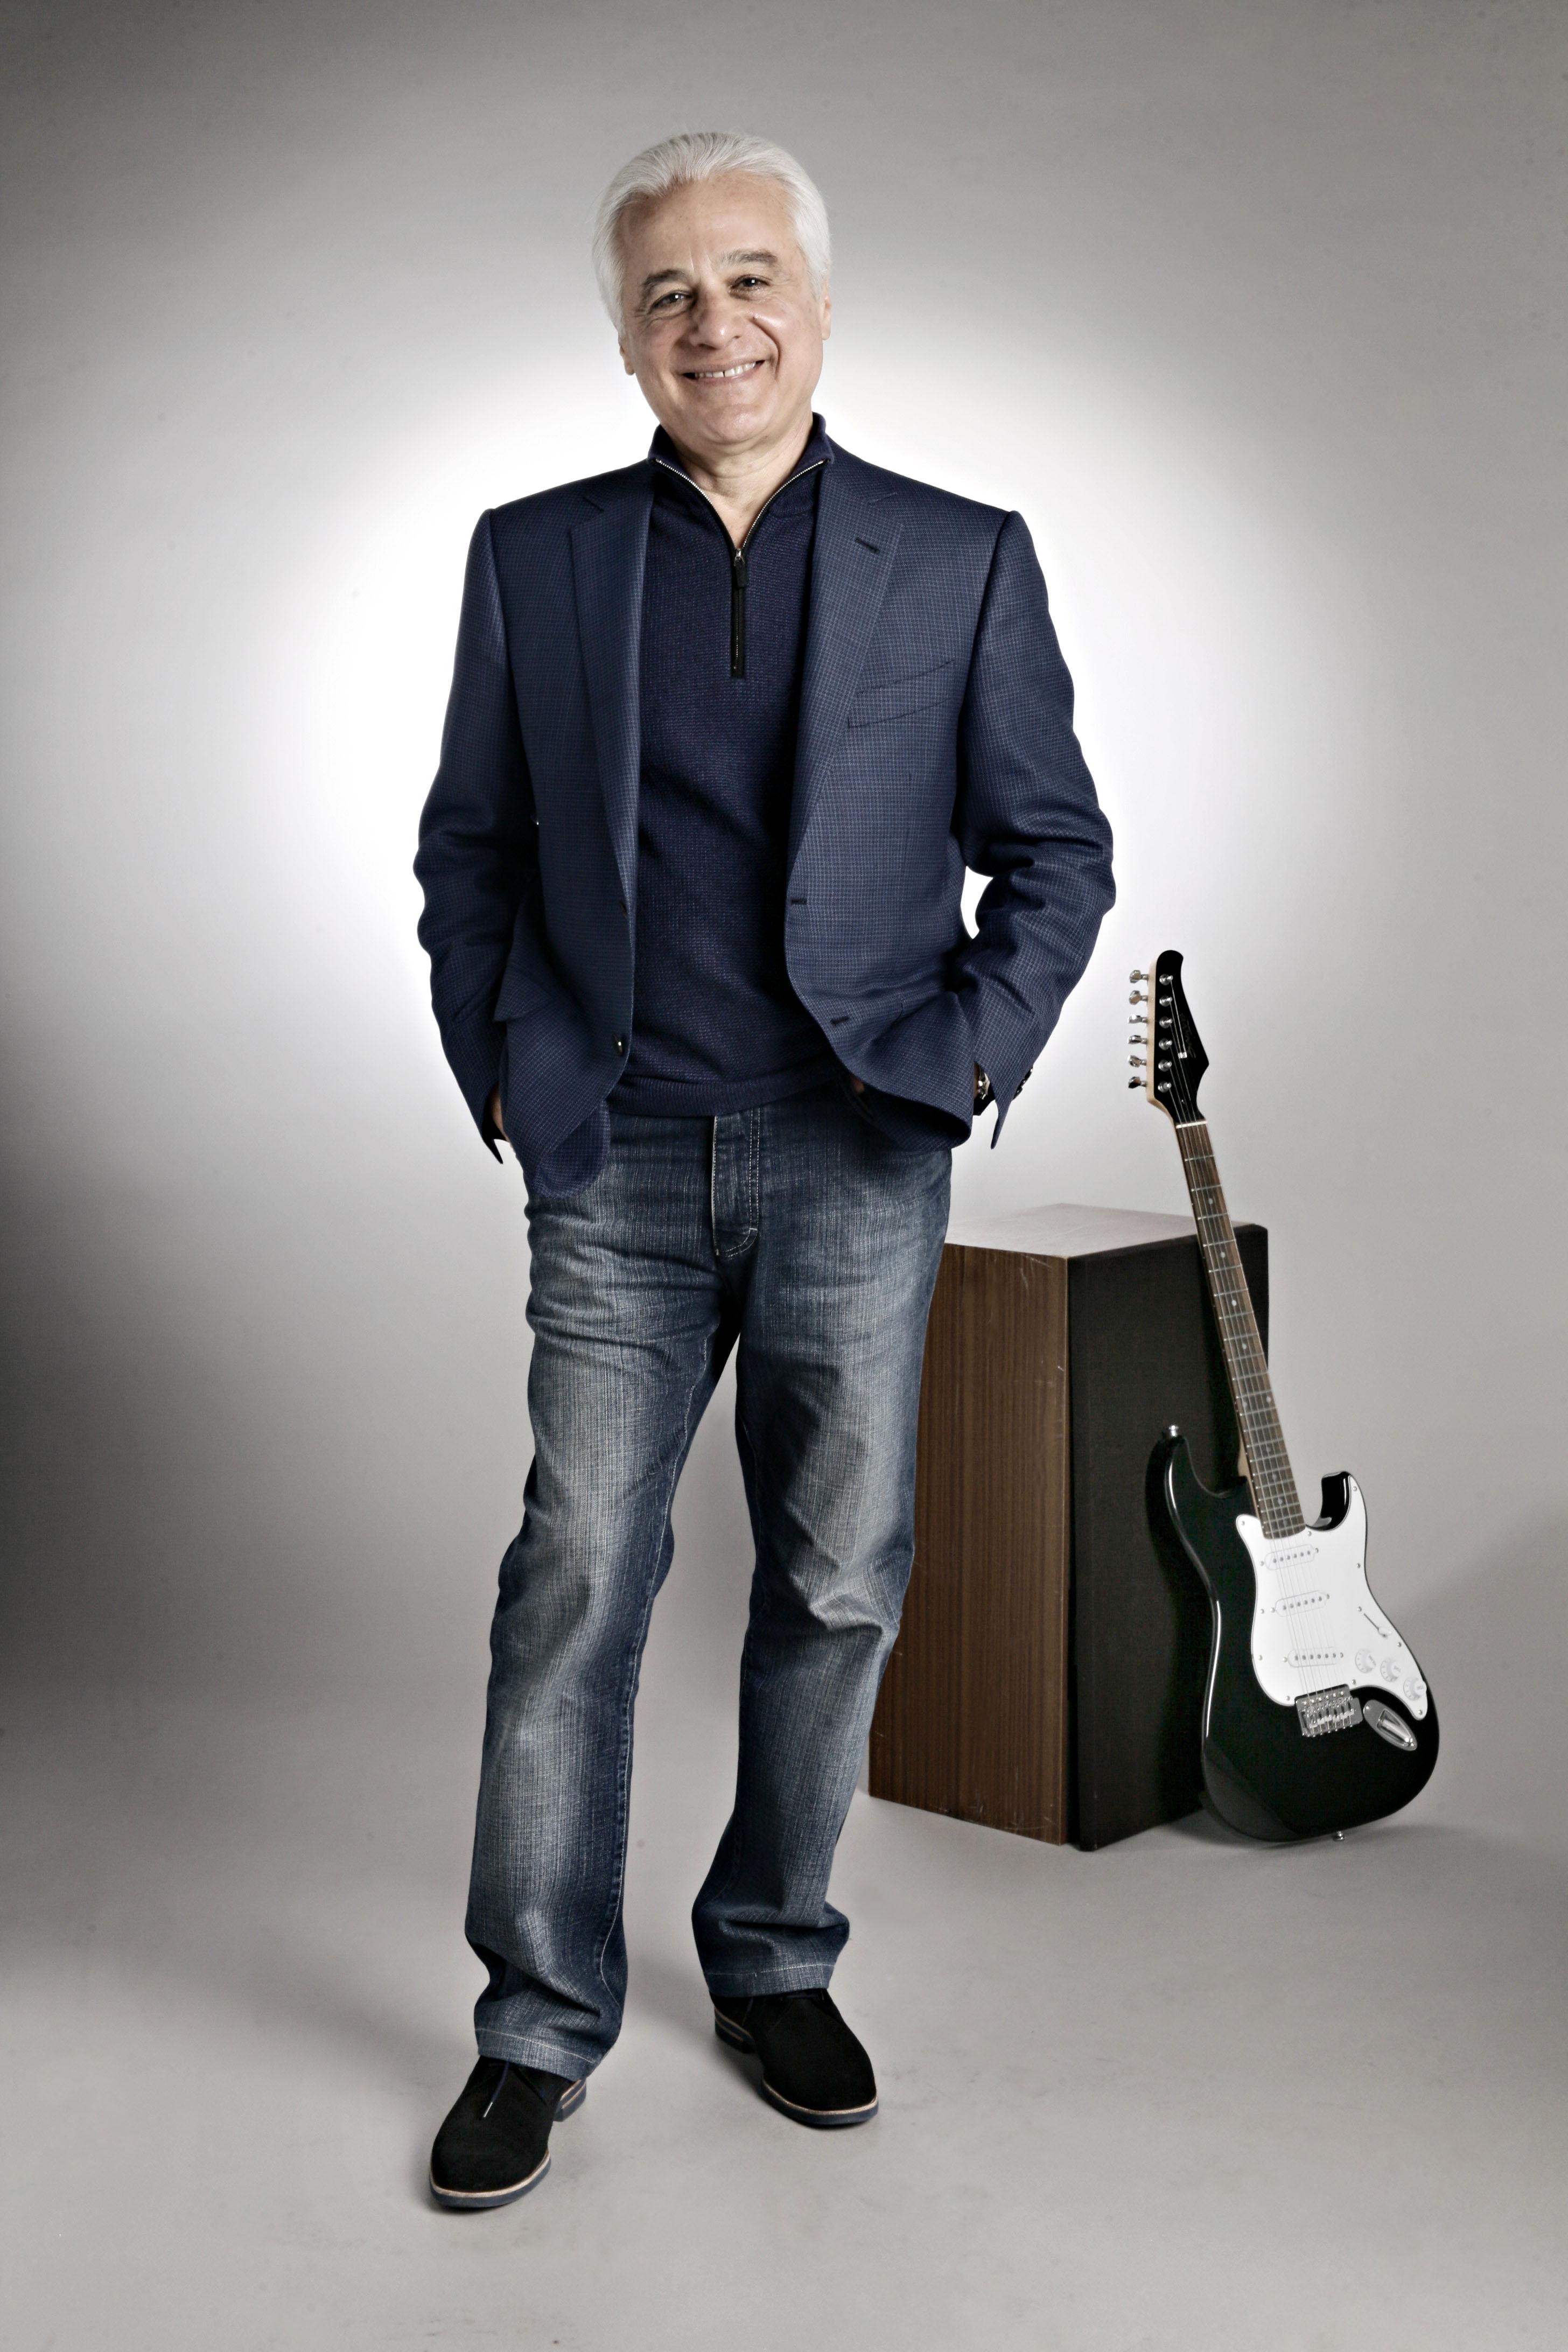 Roberto Medina - negócios - empreendedorismo - dicas - sucesso - carreira